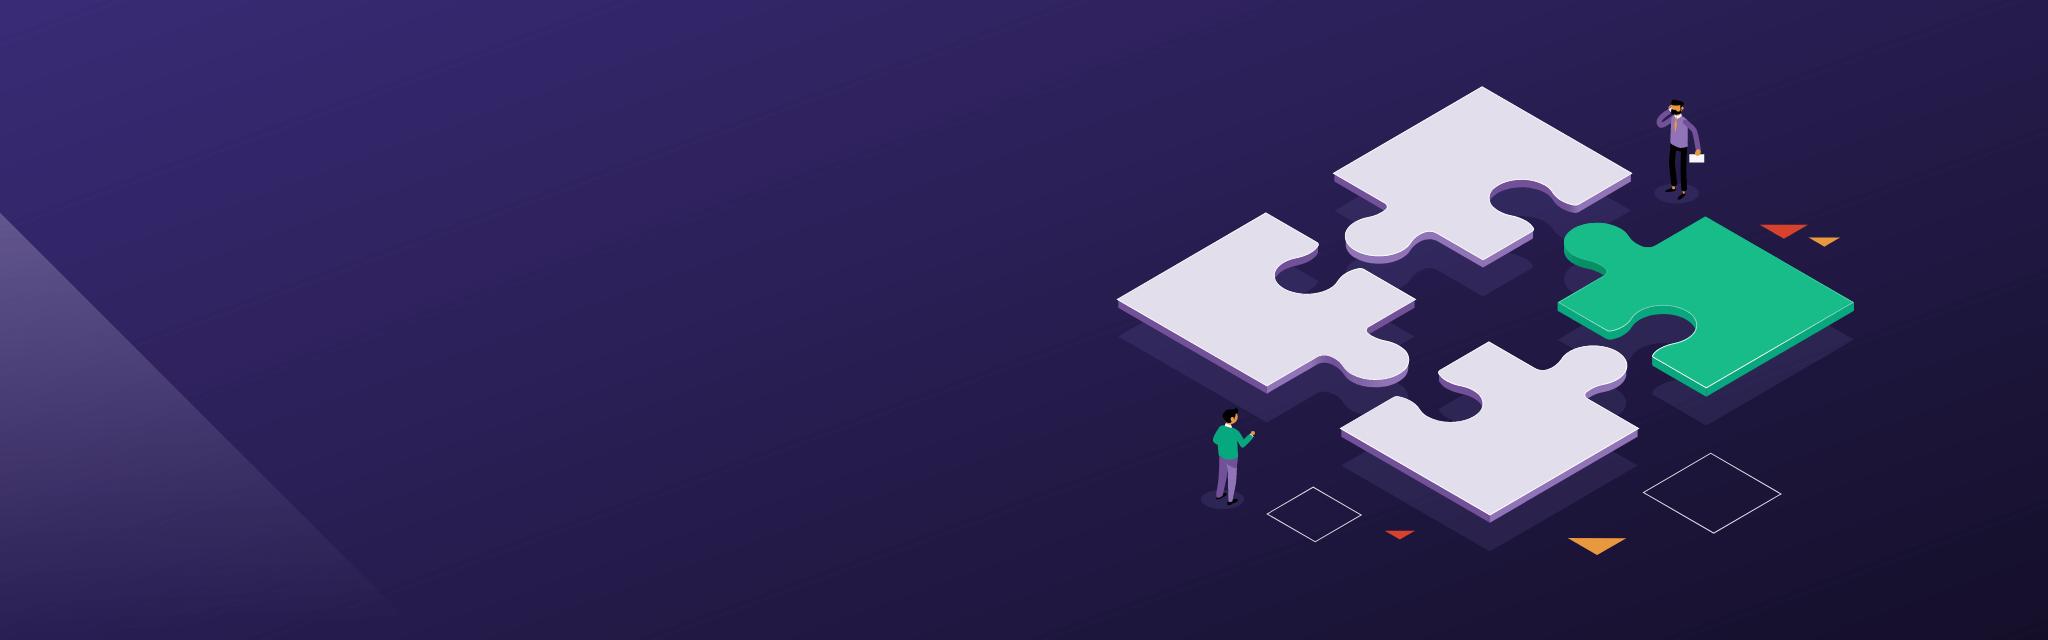 Data & AI/ML